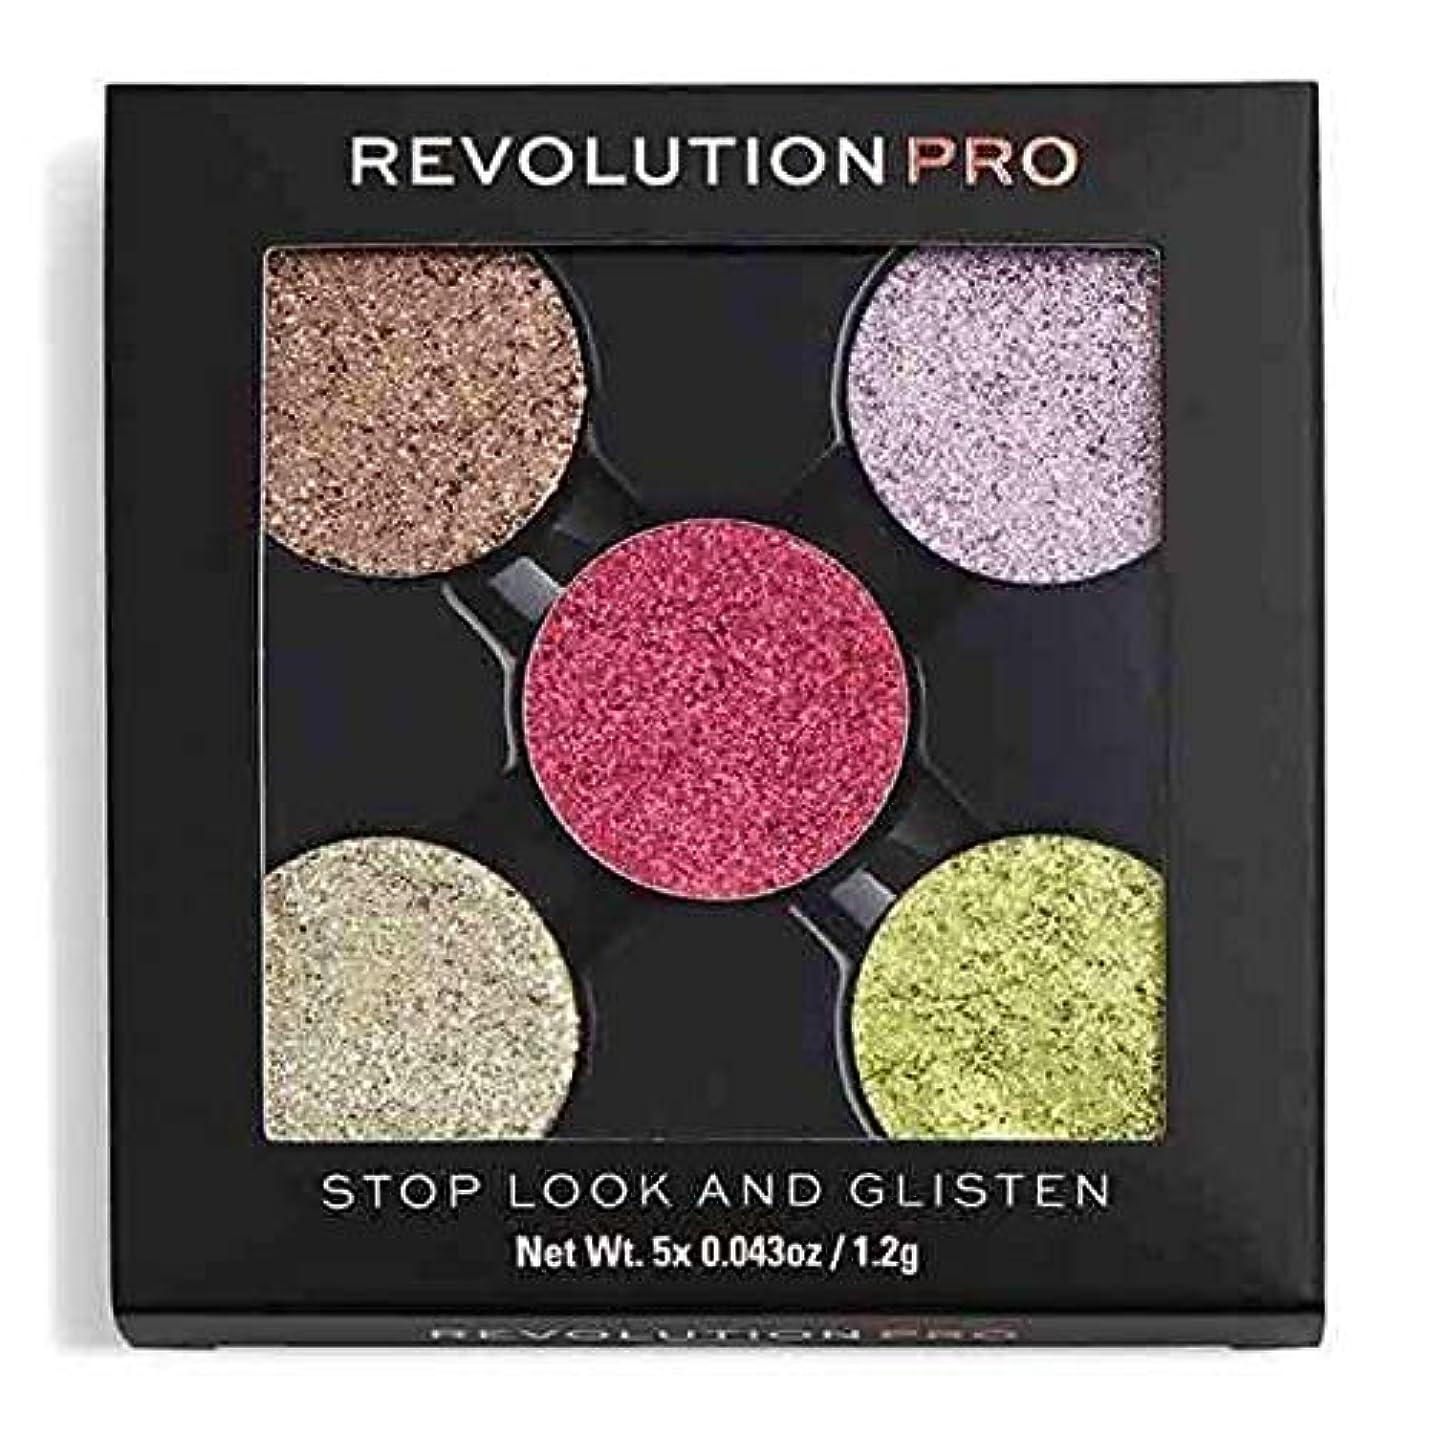 シンプトン毛皮節約[Revolution ] 革命のプロが見て、光る、キラキラパックストップを押します - Revolution Pro Pressed Glitter Pack Stop, Look and Glisten [並行輸入品]